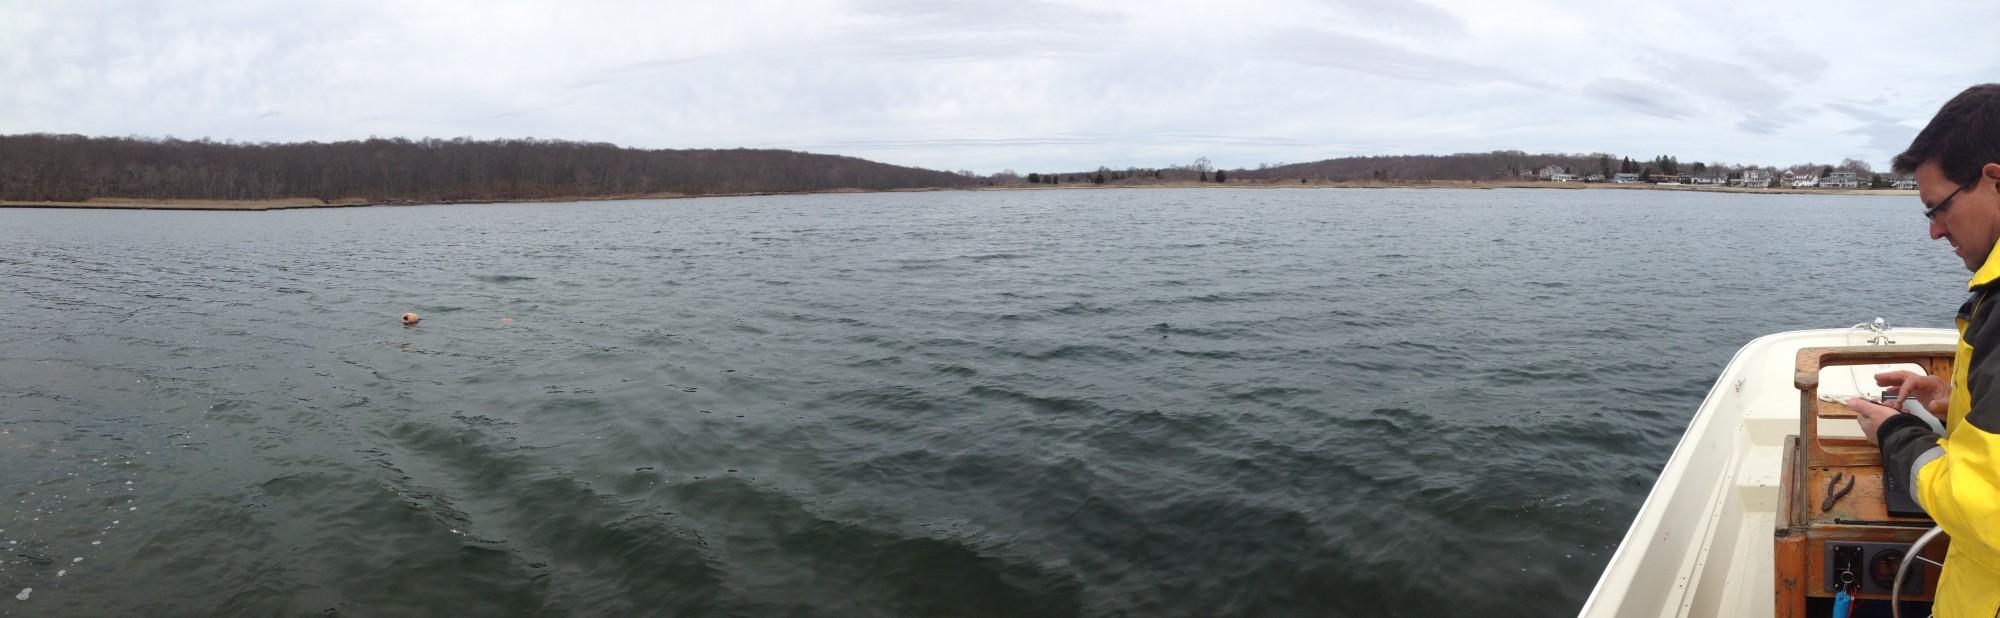 Mumford Cove Panorama